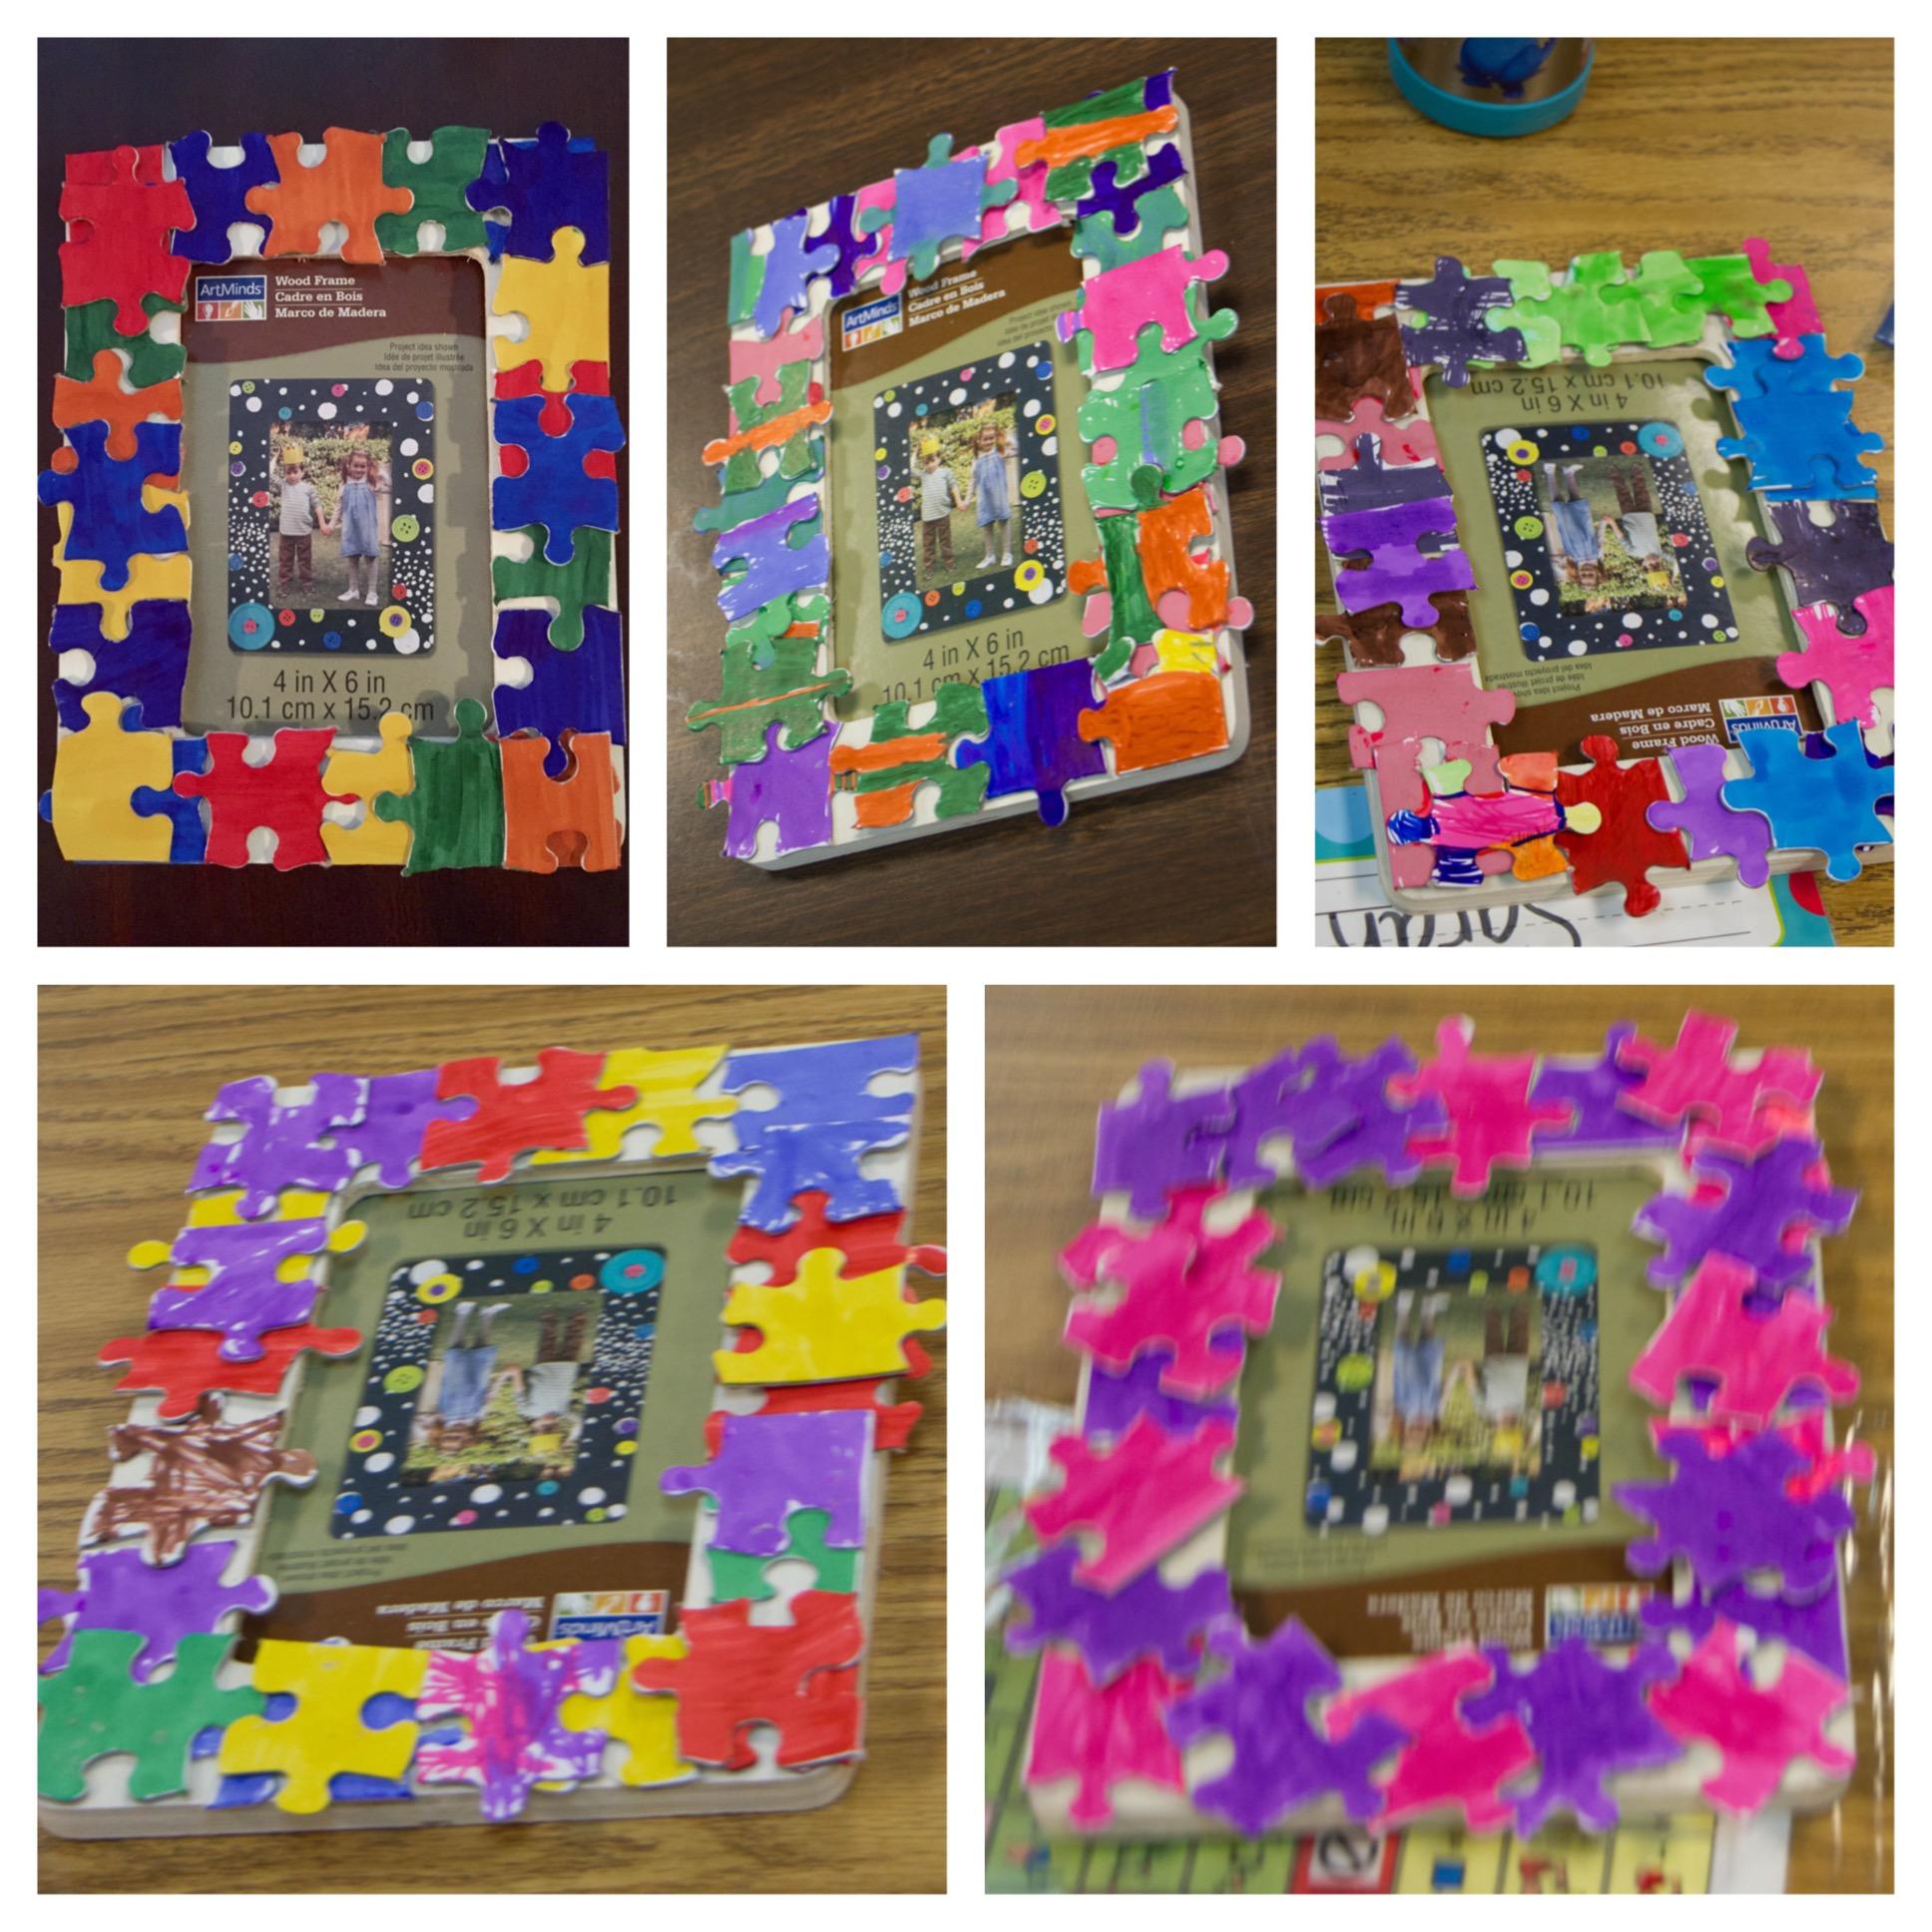 Puzzle Piece Frames Puzzle Piece Frames For Autism